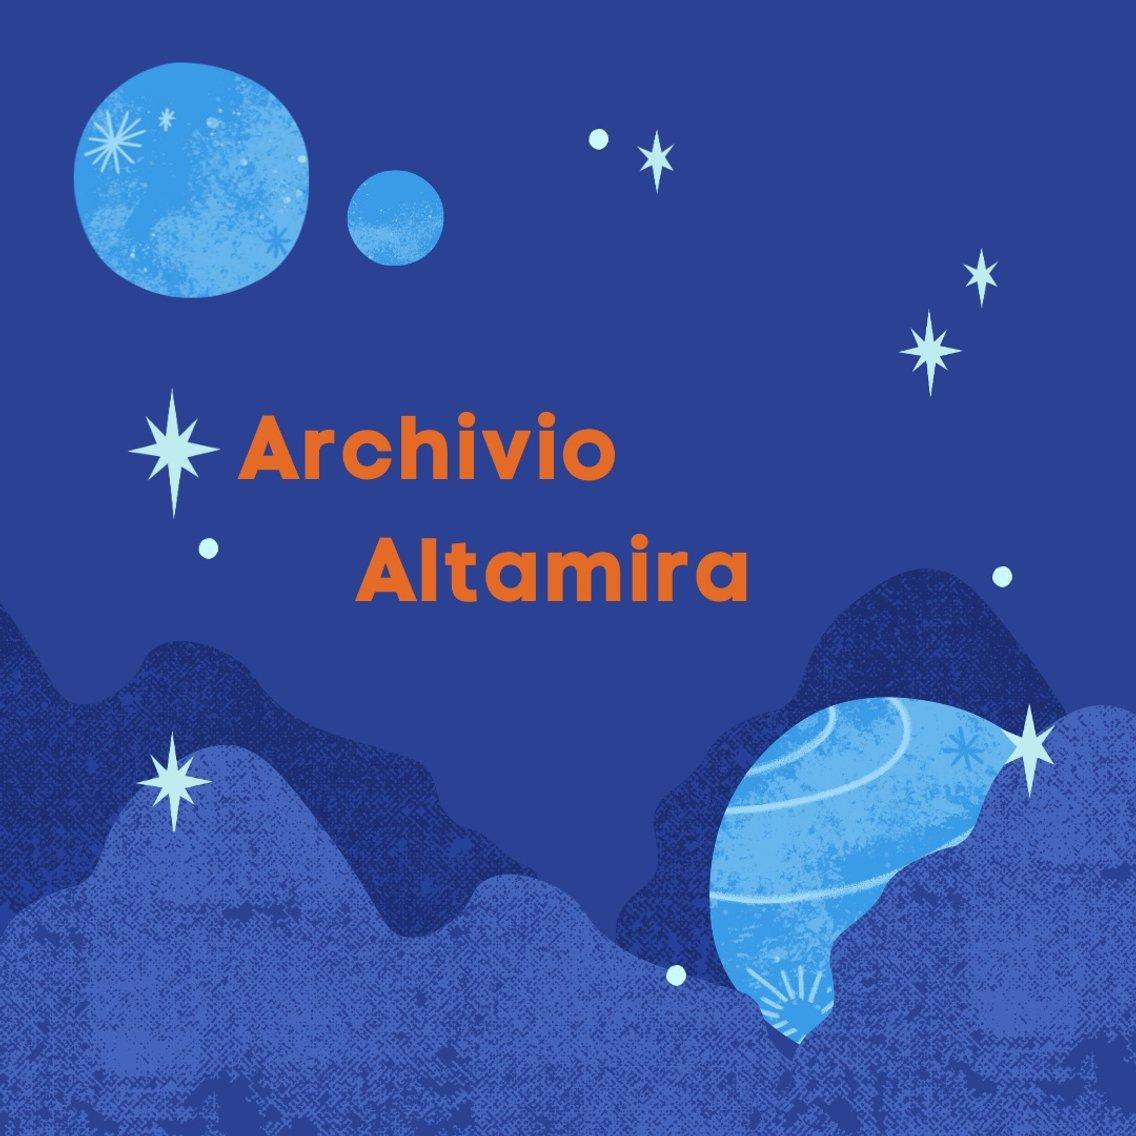 Archivio Altamira. Storia nello spazio - Cover Image